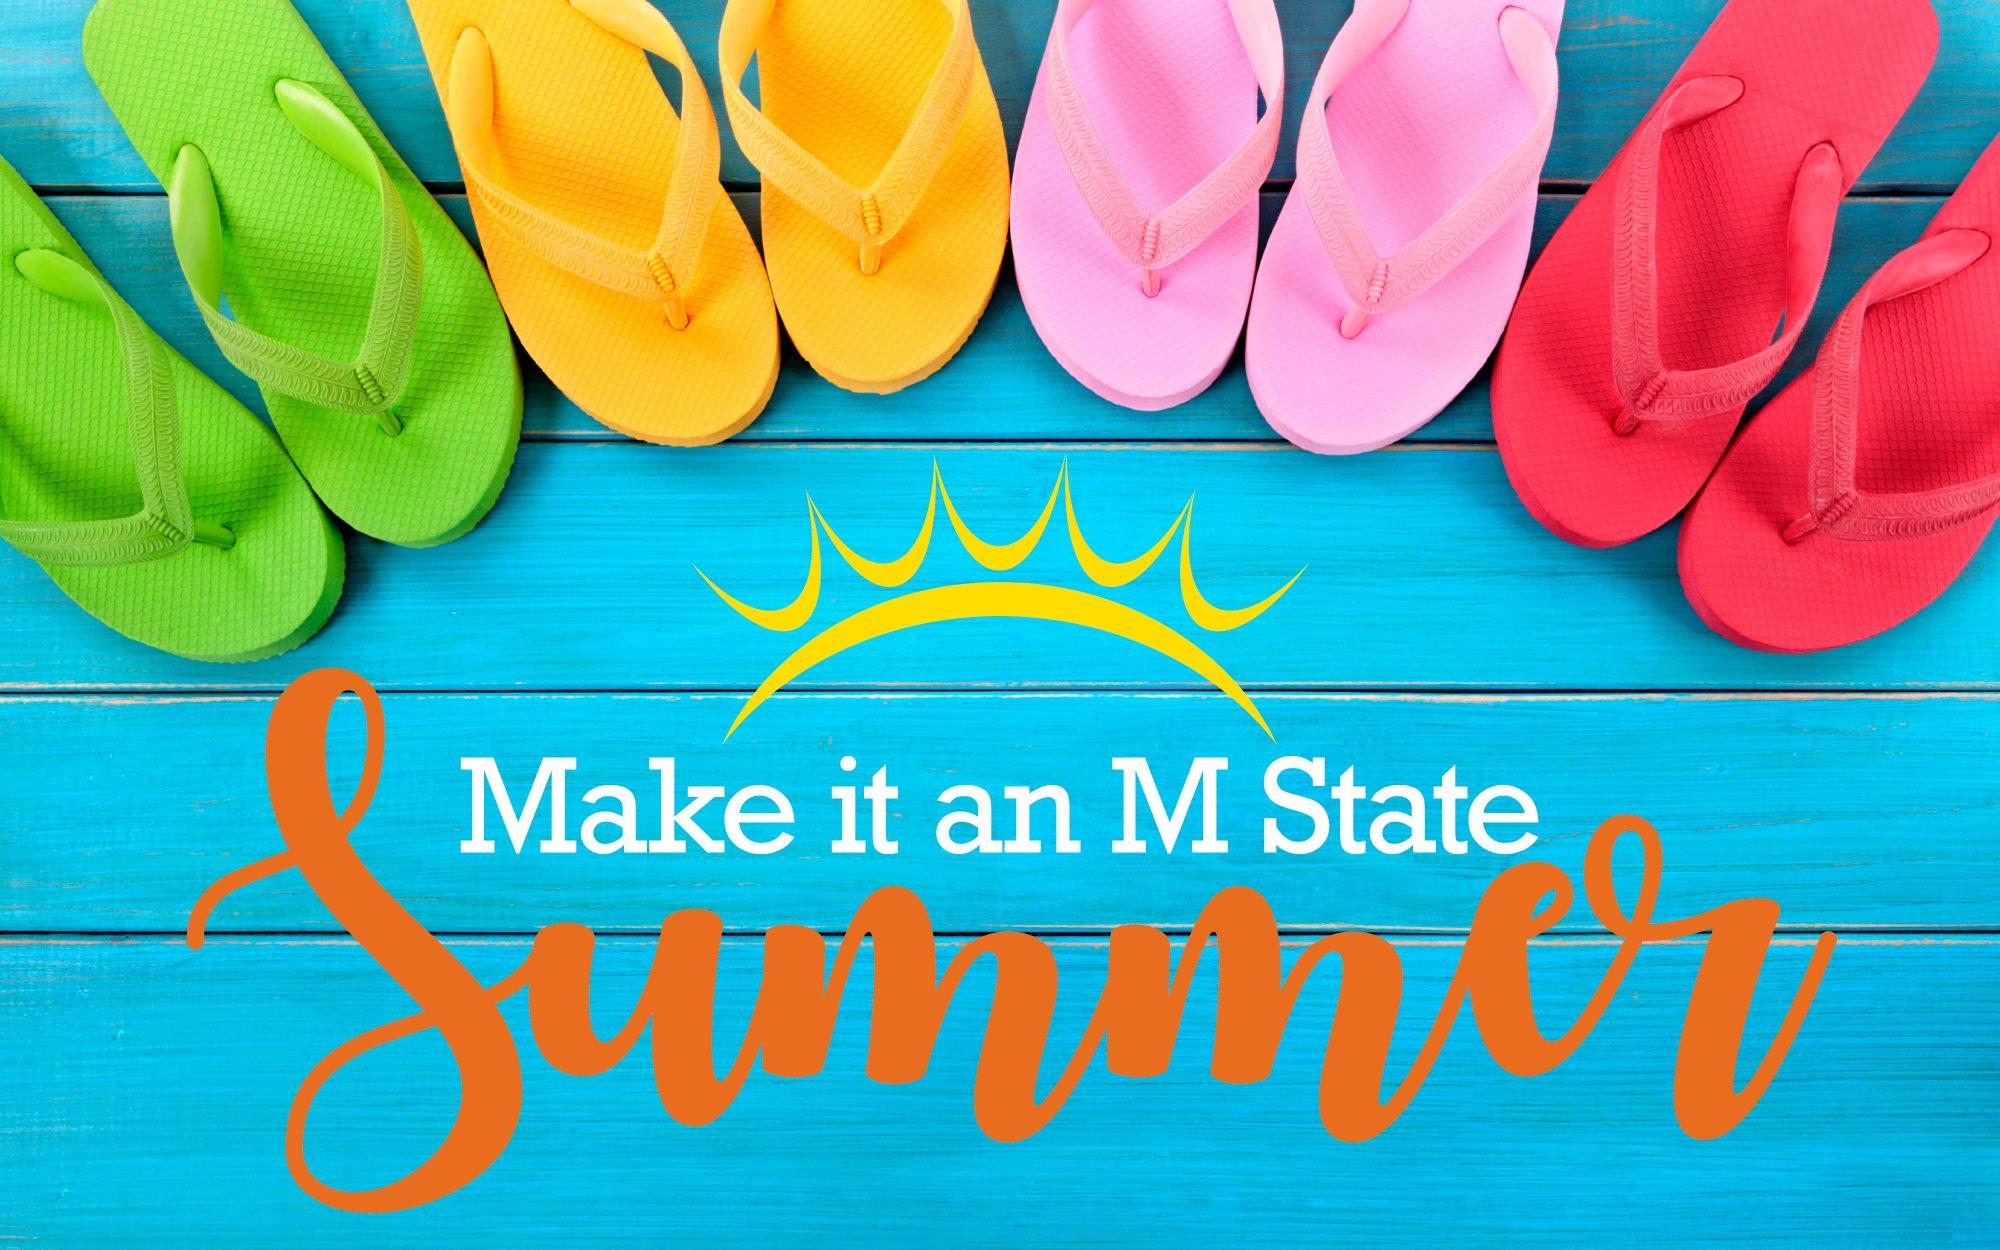 Shine Bright 2017 M State